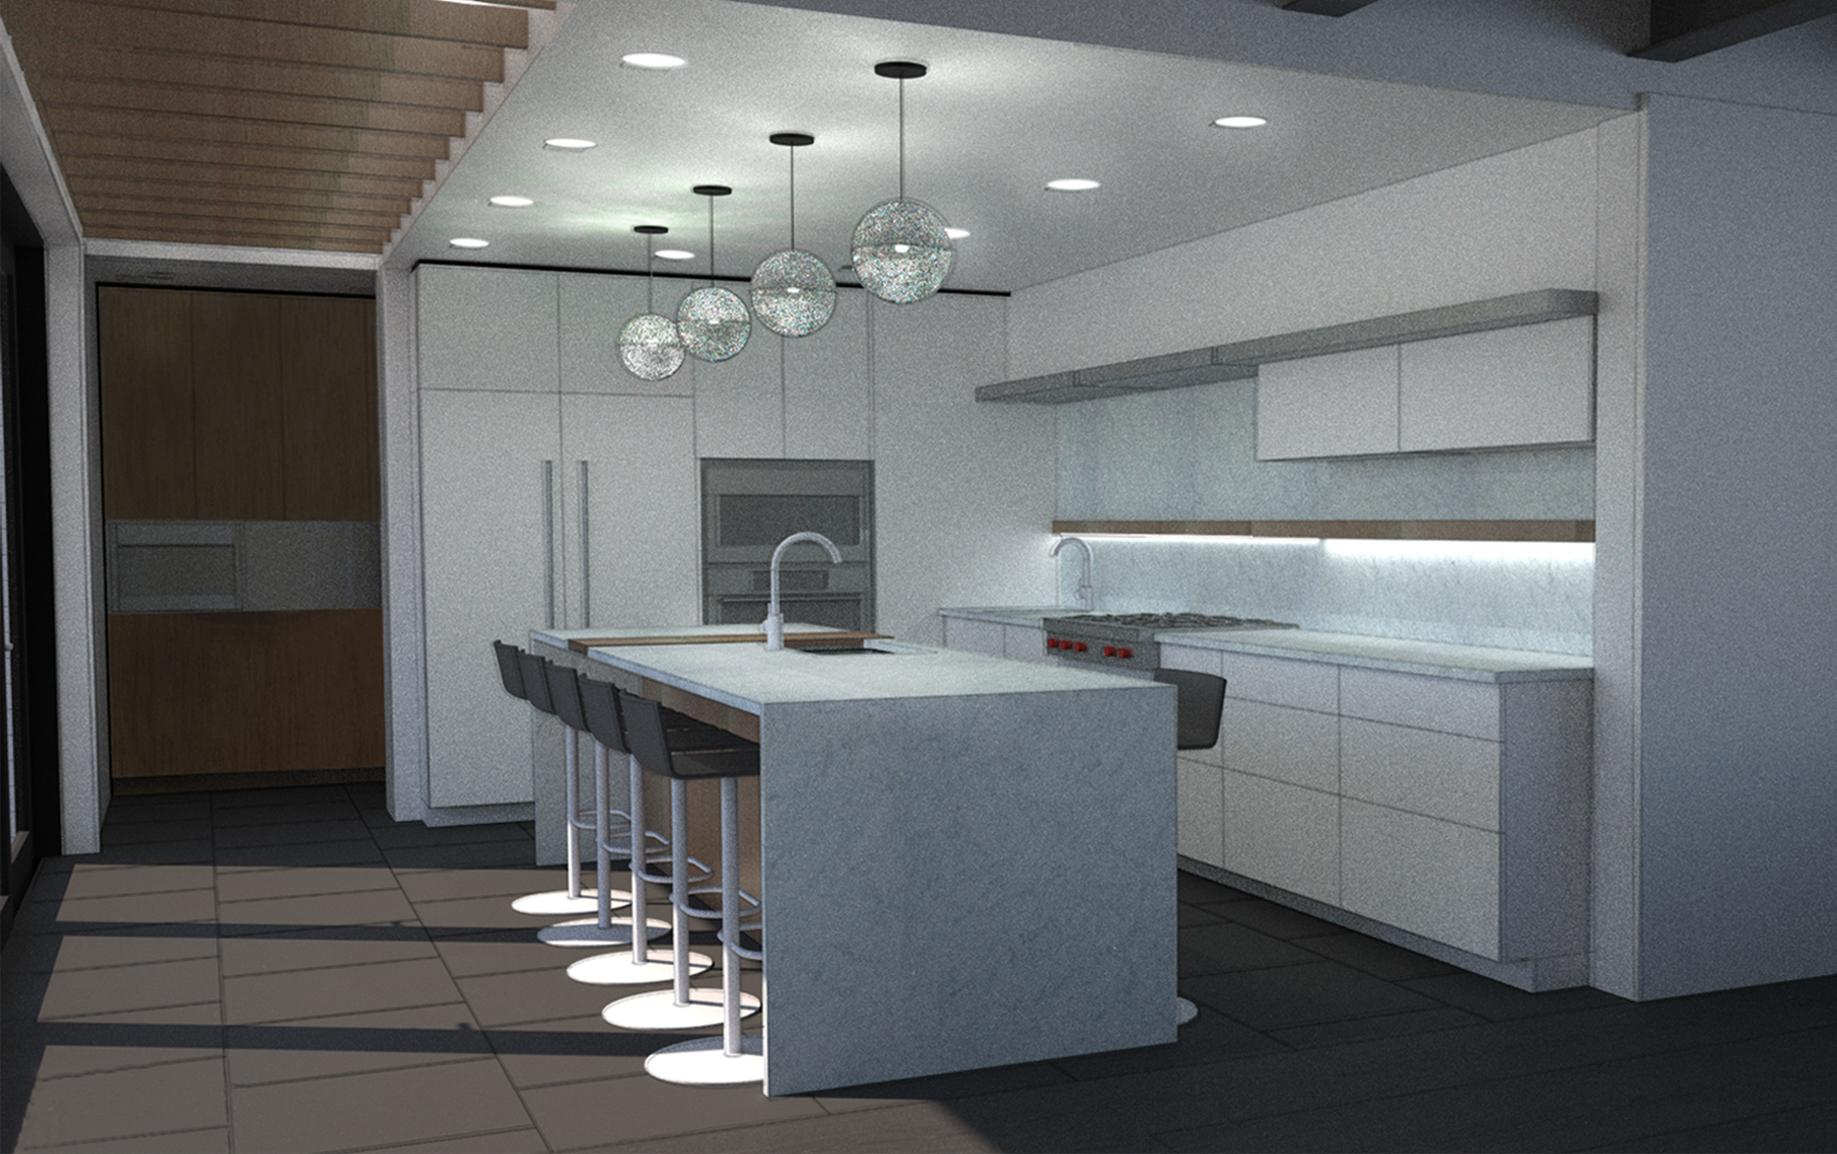 Kitchen_modern_rendering_architect_architecture_skie